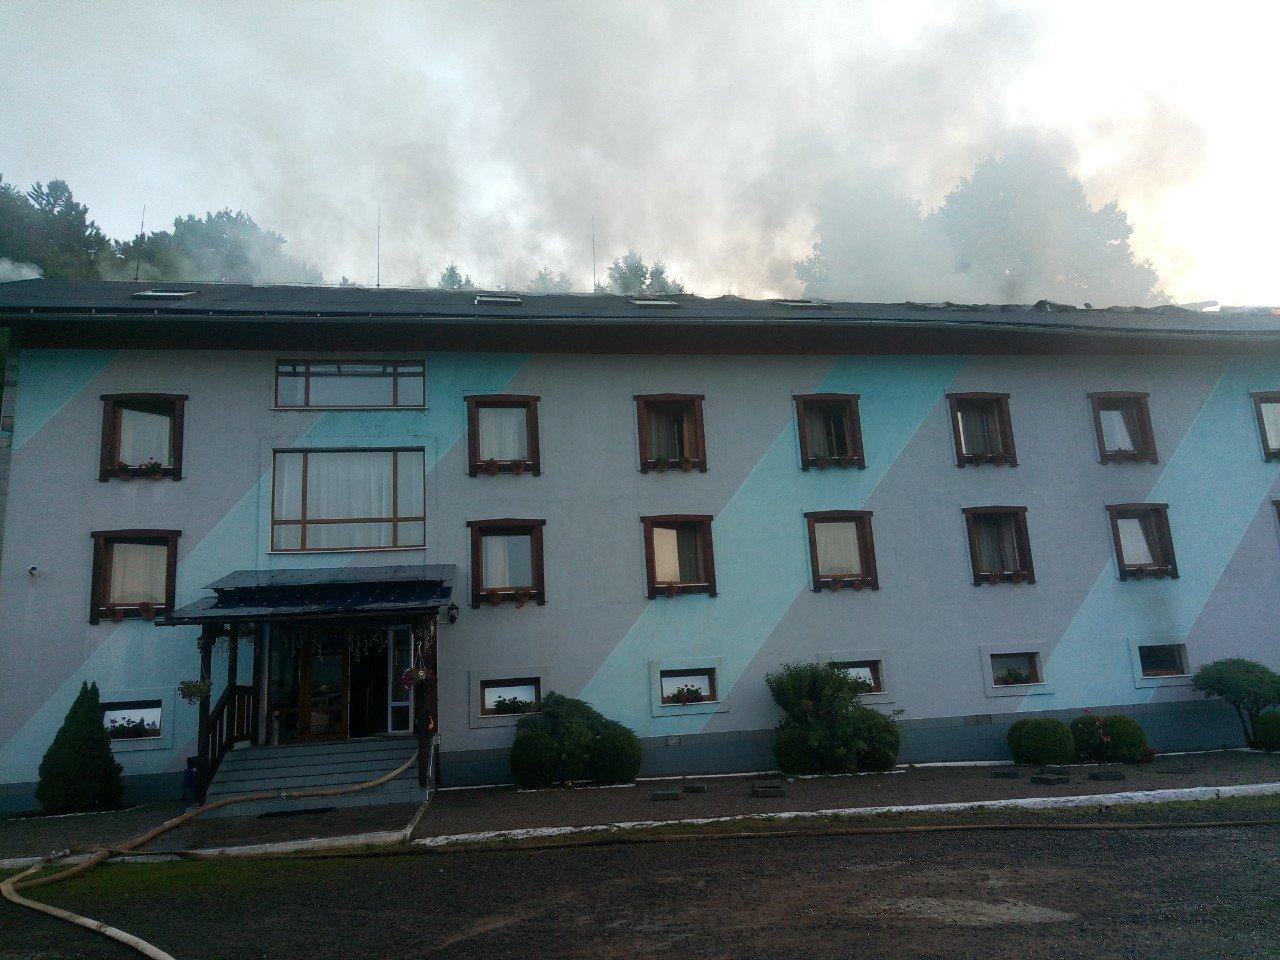 Офіційні подробиці пожежі у туристичному комплексі на Закарпатті, в якому відпочивало 77 дітей-туристів (ФОТО, ВІДЕО), фото-1